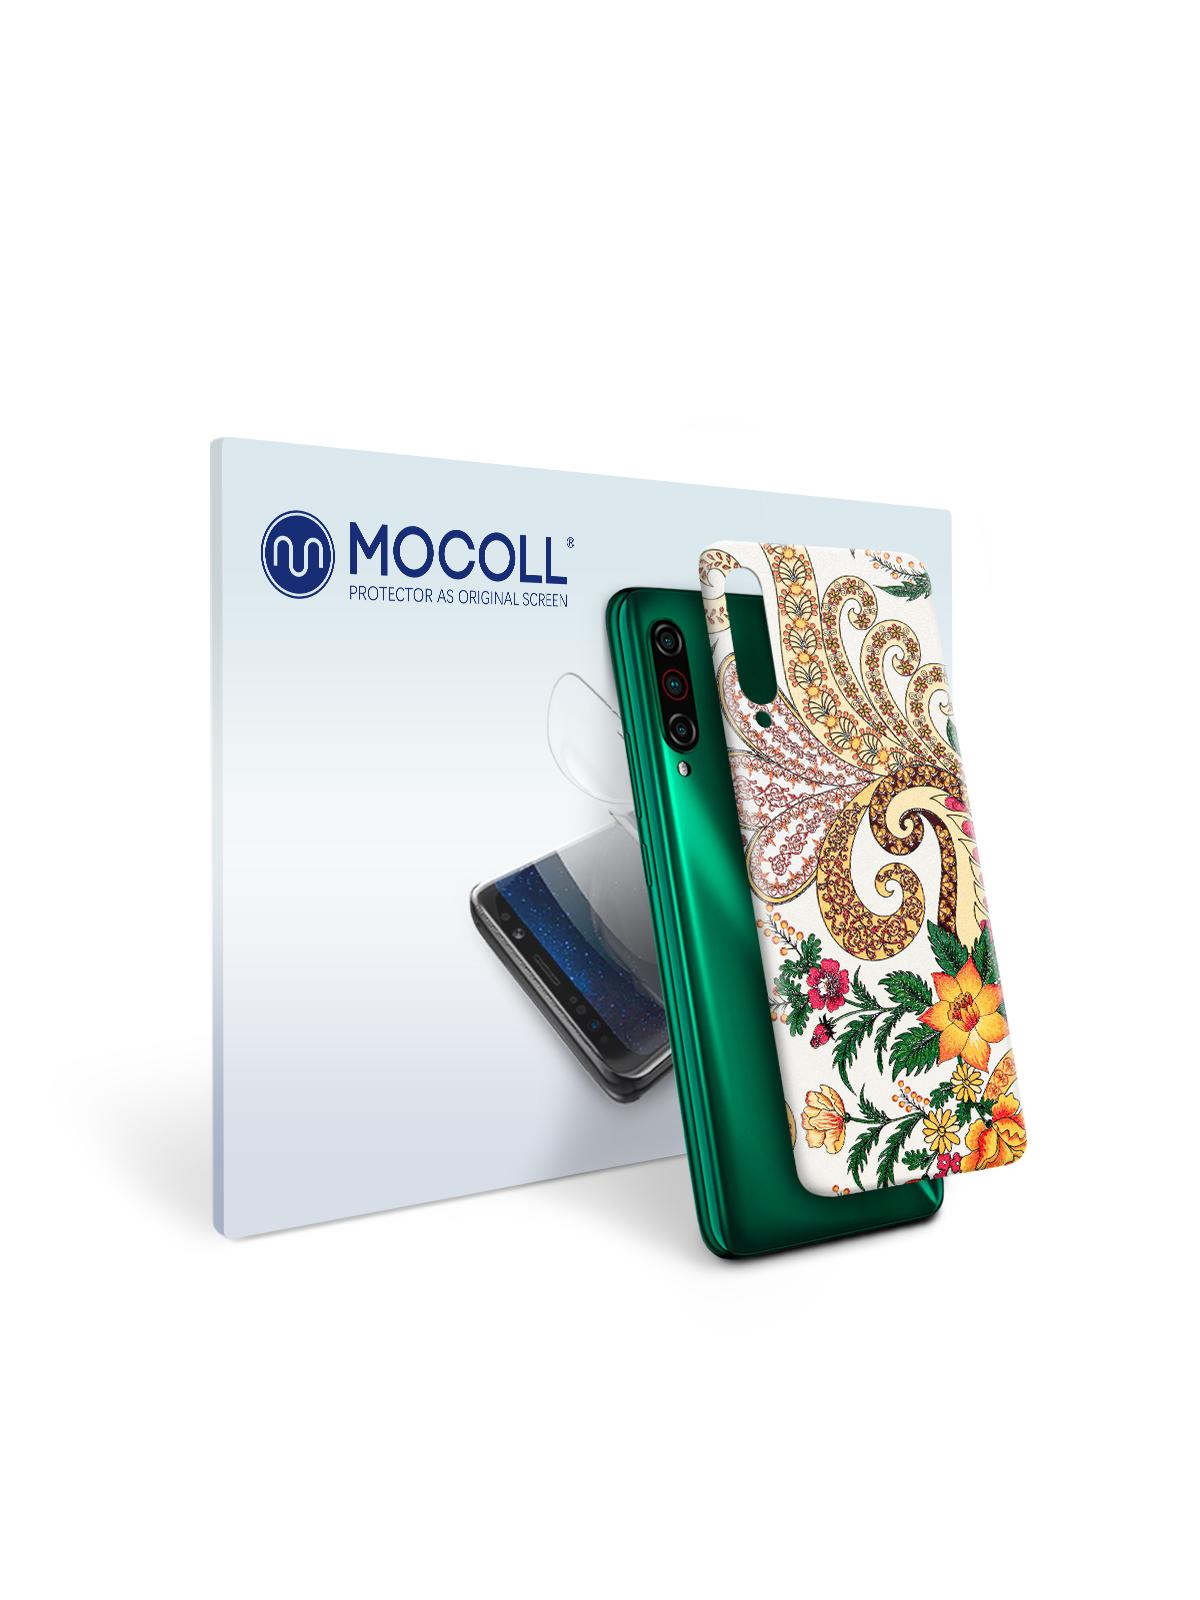 Пленка защитная MOCOLL для задней панели Meizu M1Note Богемный узор Планта